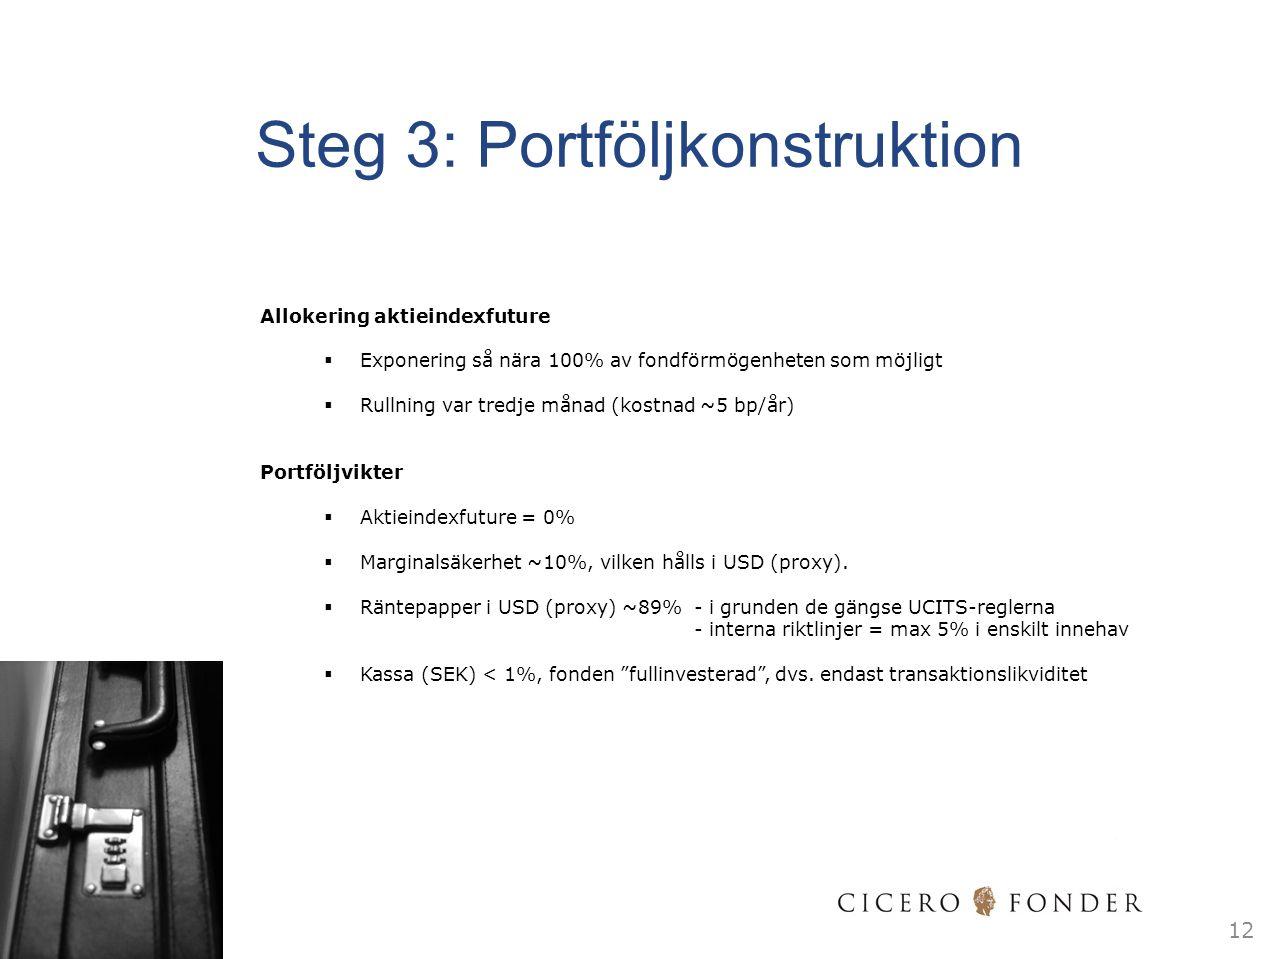 12 Allokering aktieindexfuture  Exponering så nära 100% av fondförmögenheten som möjligt  Rullning var tredje månad (kostnad ~5 bp/år) Portföljvikter  Aktieindexfuture = 0%  Marginalsäkerhet ~10%, vilken hålls i USD (proxy).